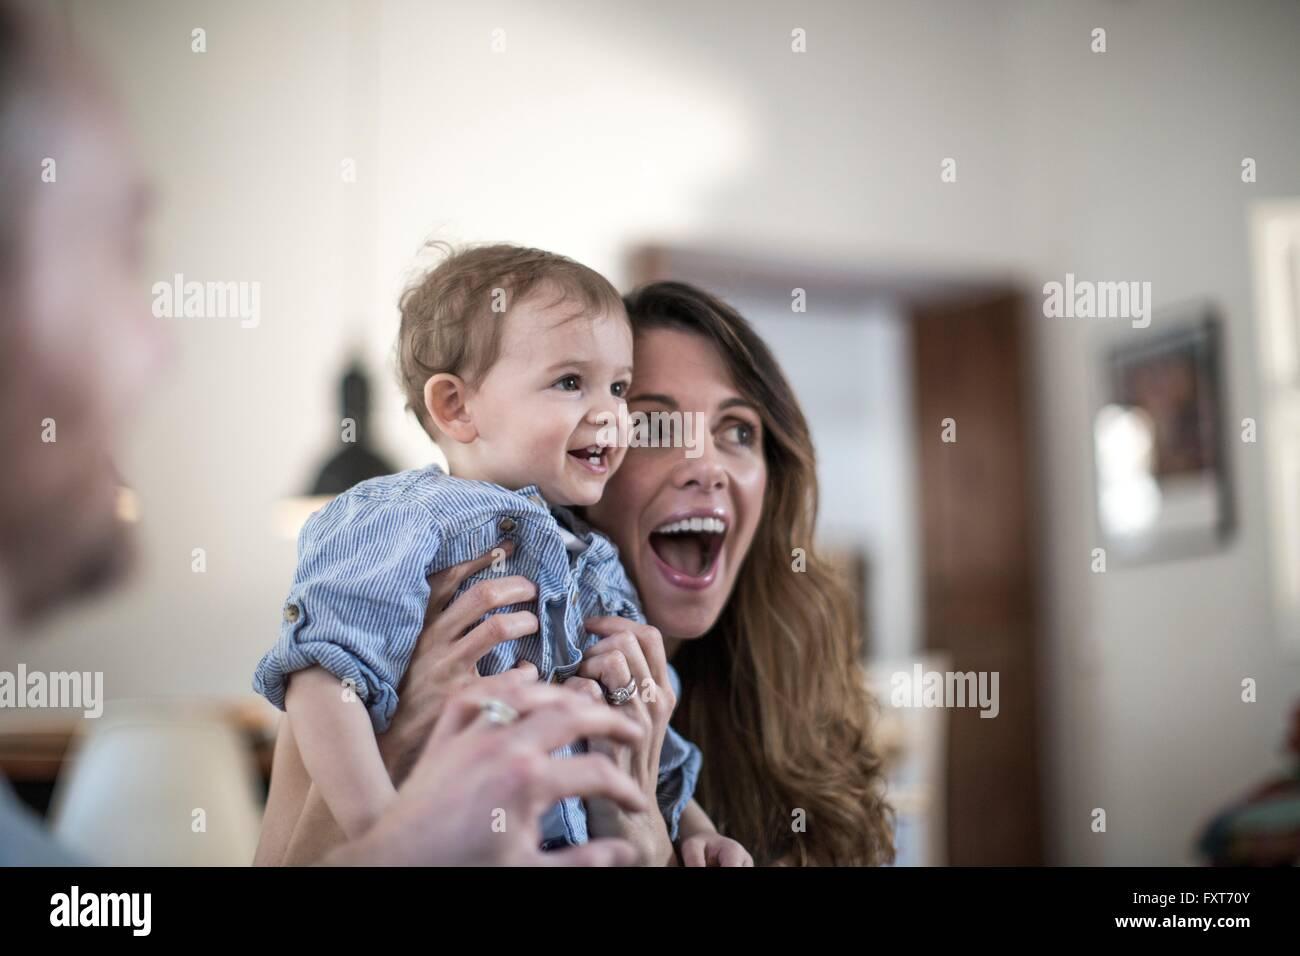 Azienda madre sorridente baby boy, con imboccatura aperta a sorpresa Immagini Stock